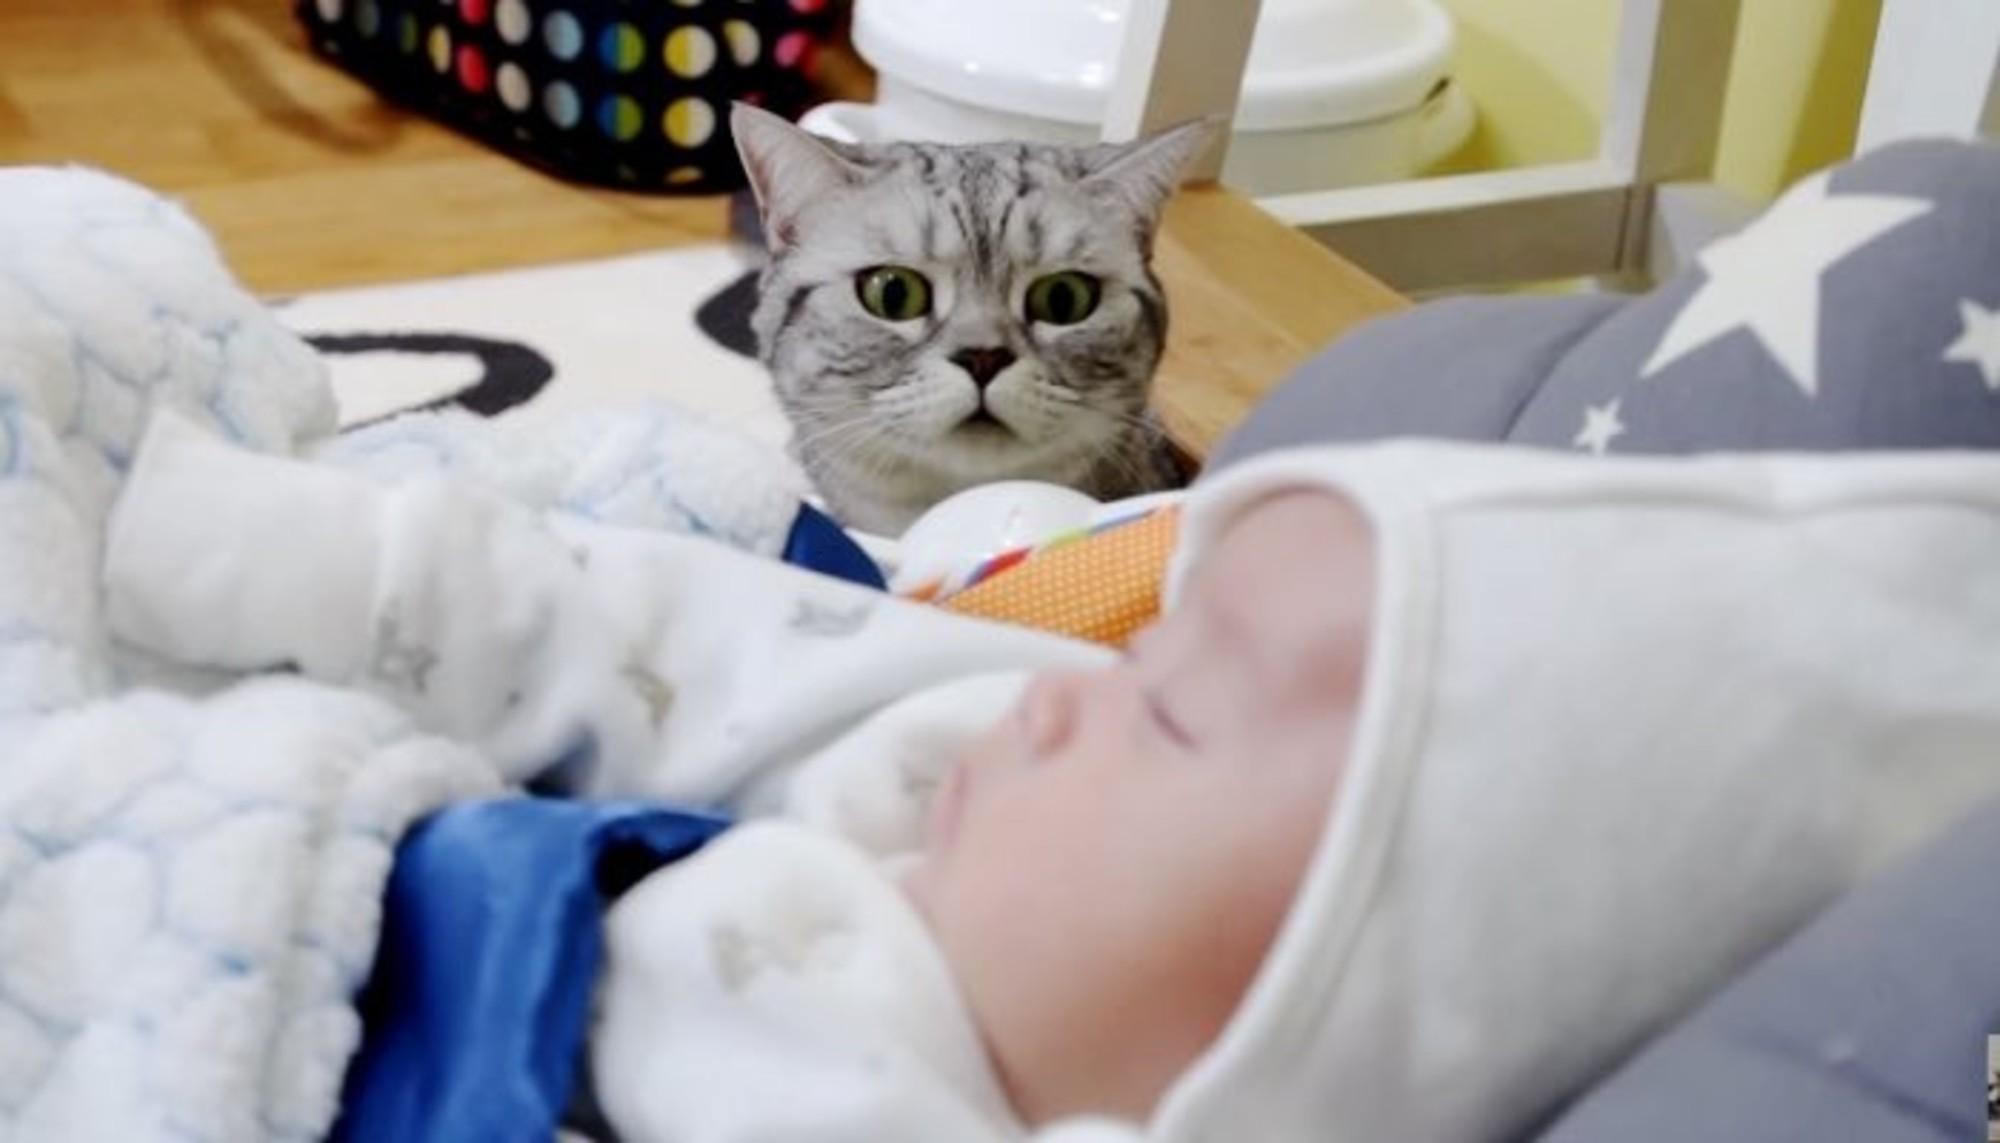 Хозяйка показала котам новорожденного ребенка, их реакция ЭТО НЕЧТО!